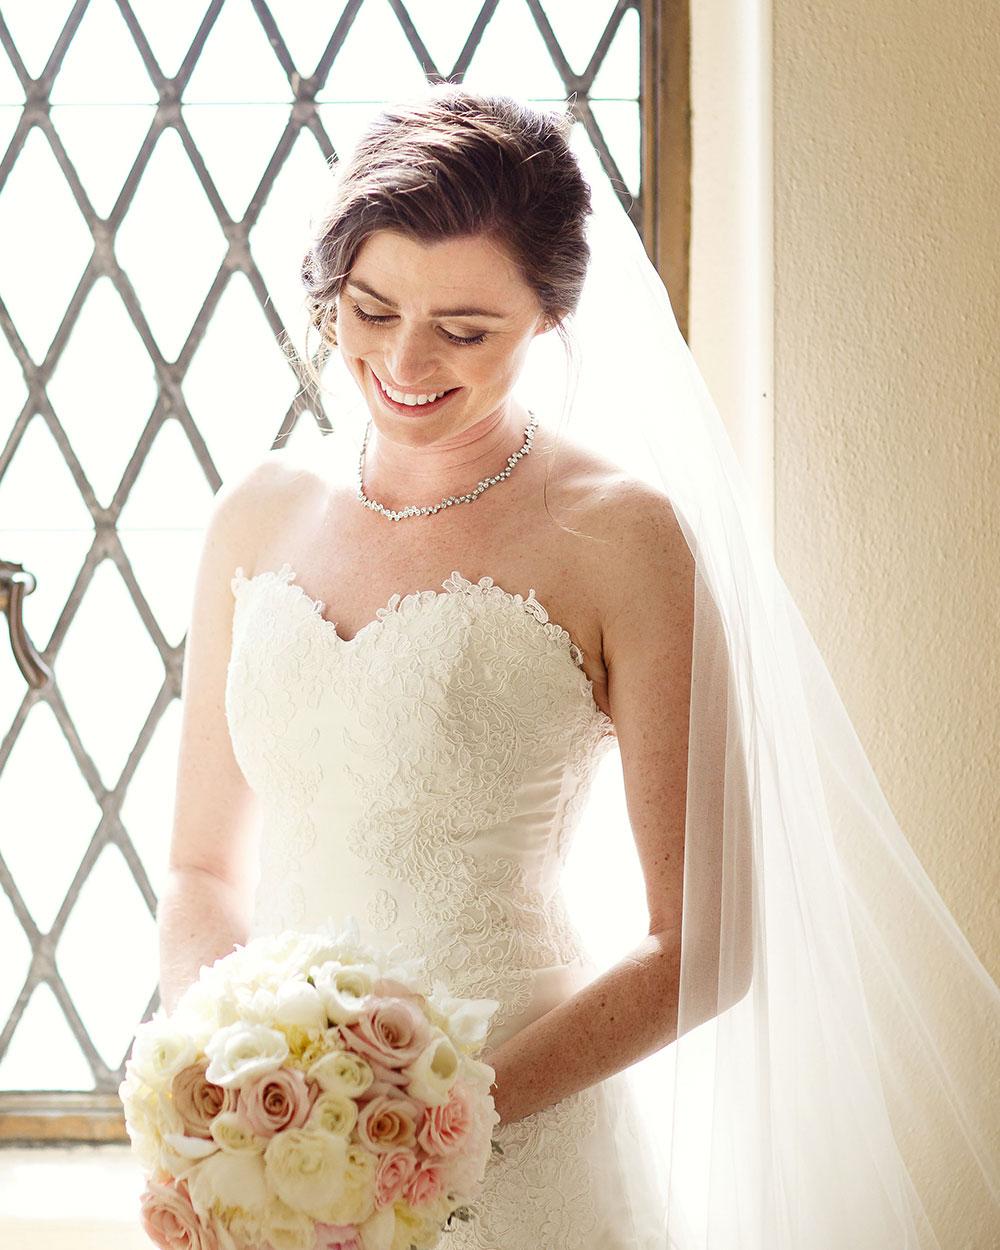 Window shot of bride